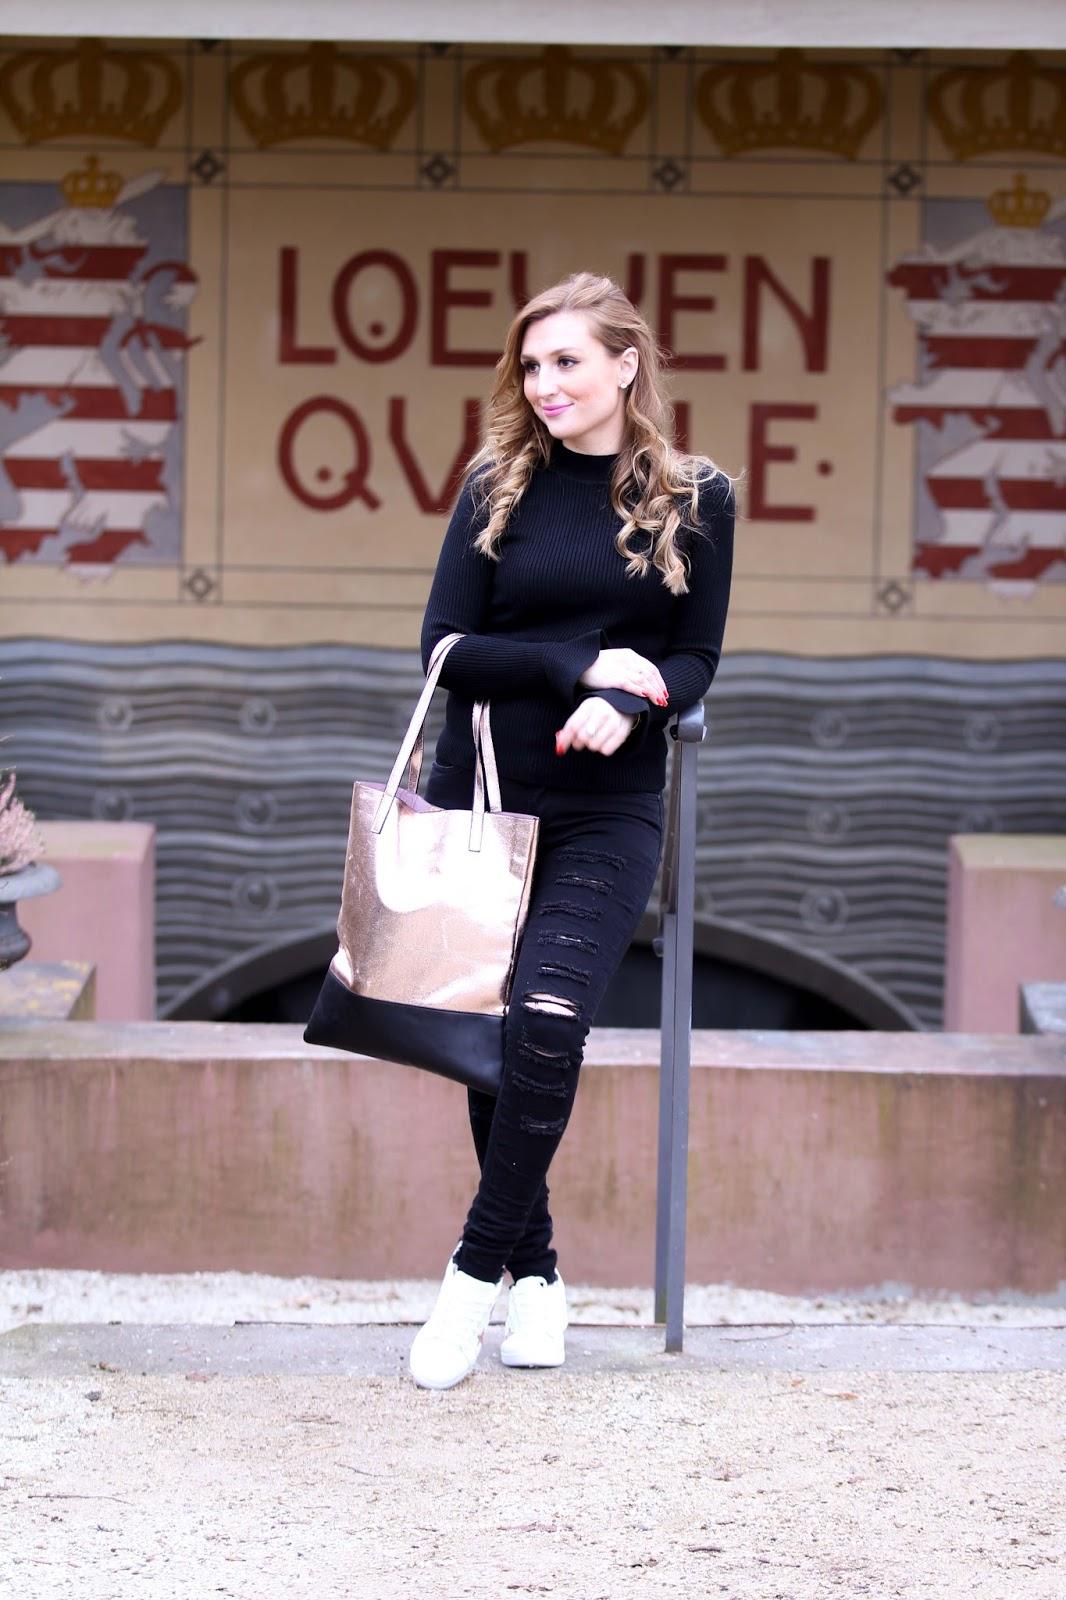 Deutsche-fashionblogger-streetstyleblogger-blogger-aus-deutschland